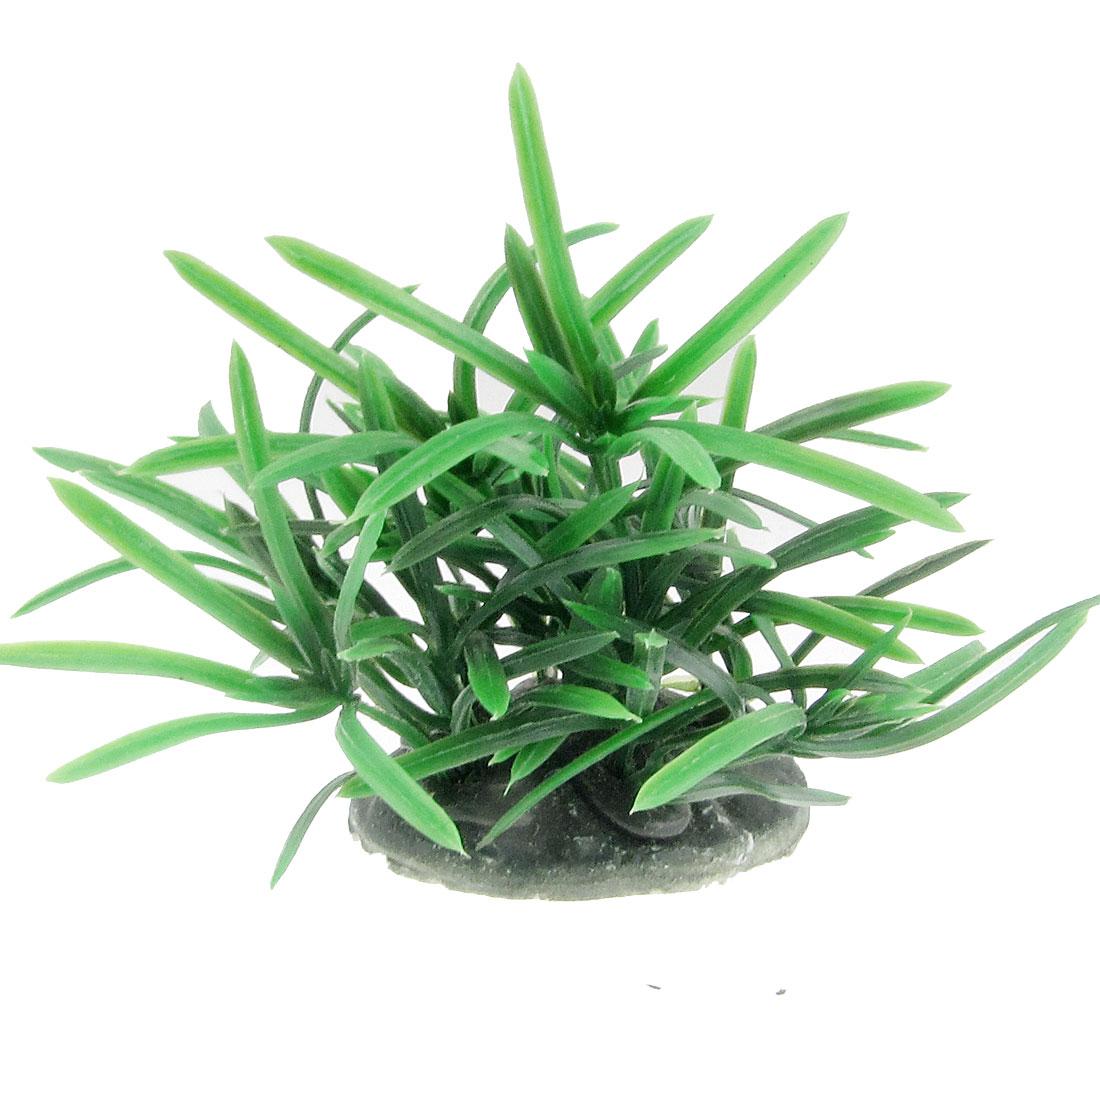 7cm Green Artifiacial Plants Plastic Grasss Fish Tank Decoration